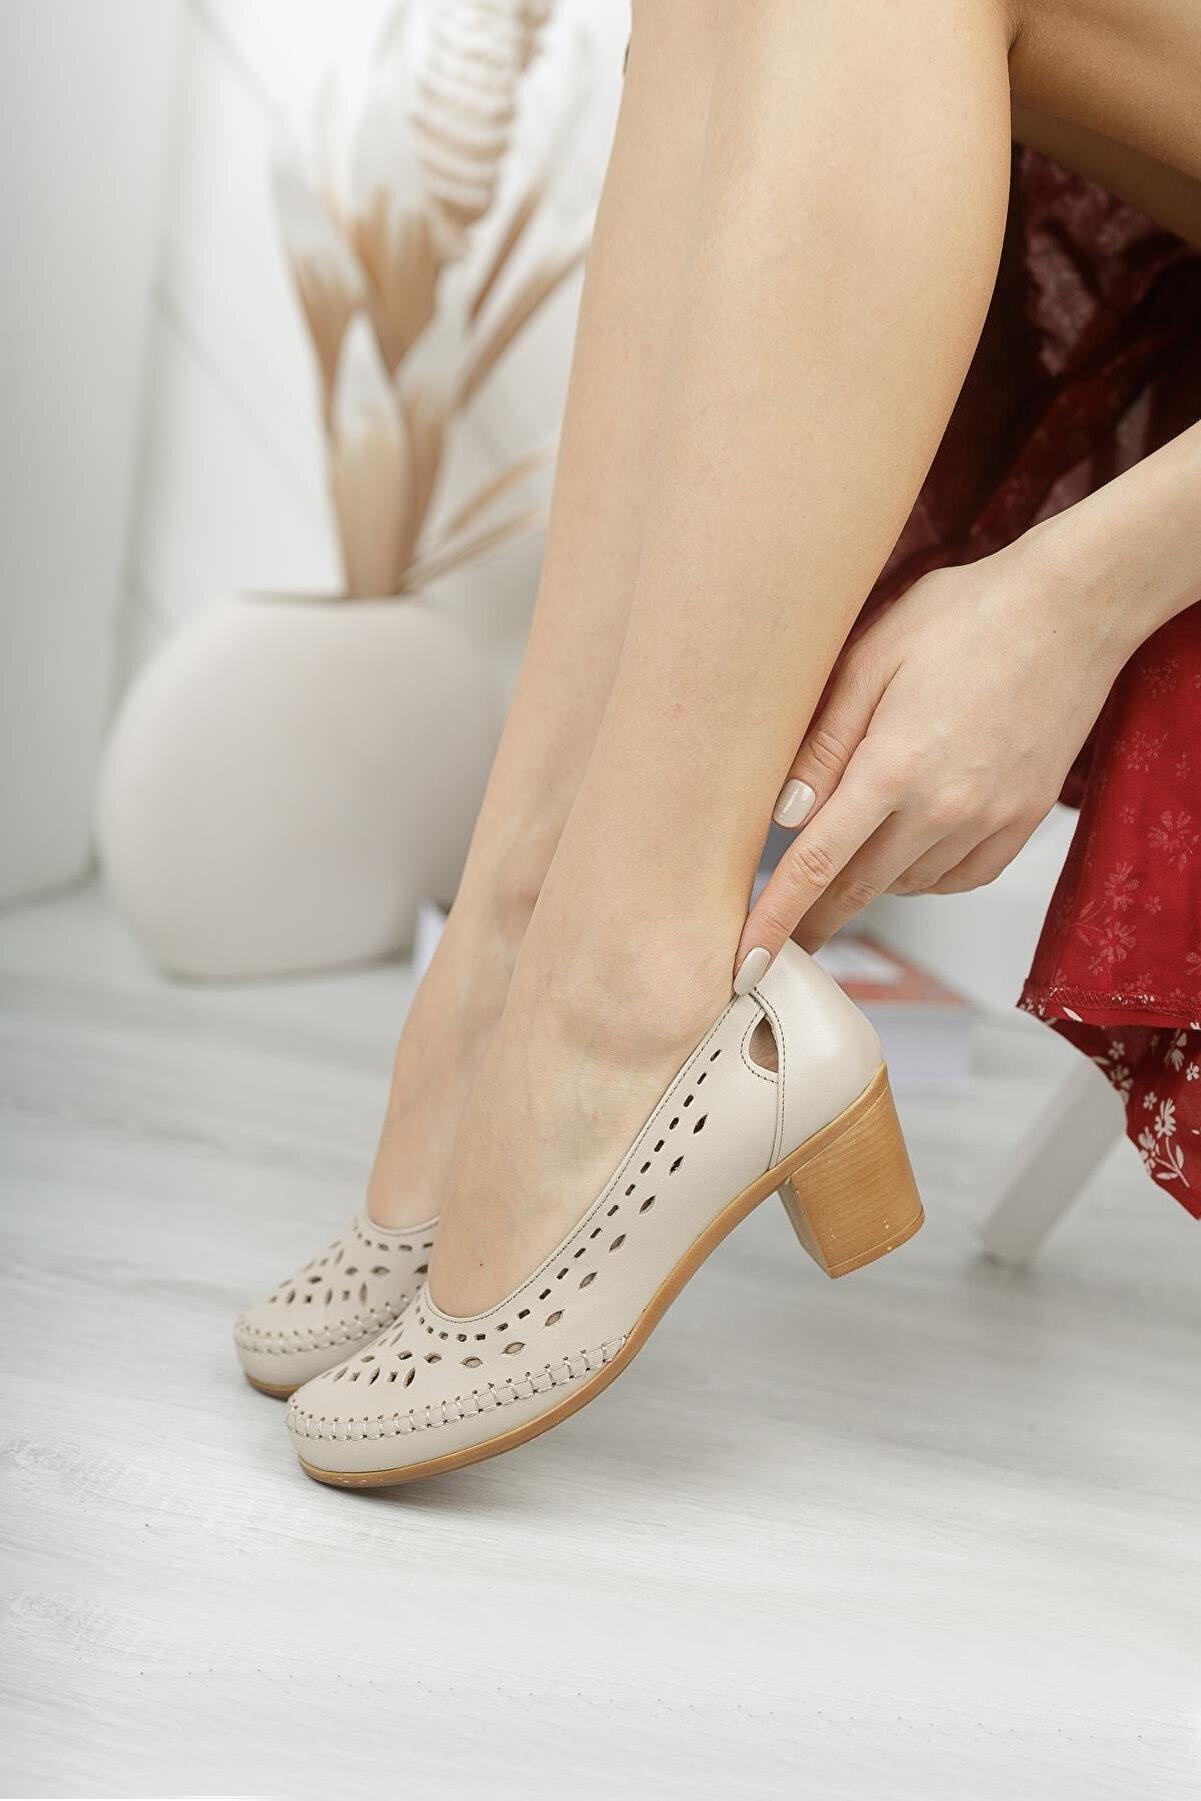 Diego Carlotti Hakiki Deri Bej Kadın Günlük Klasik Topuklu Ayakkabı